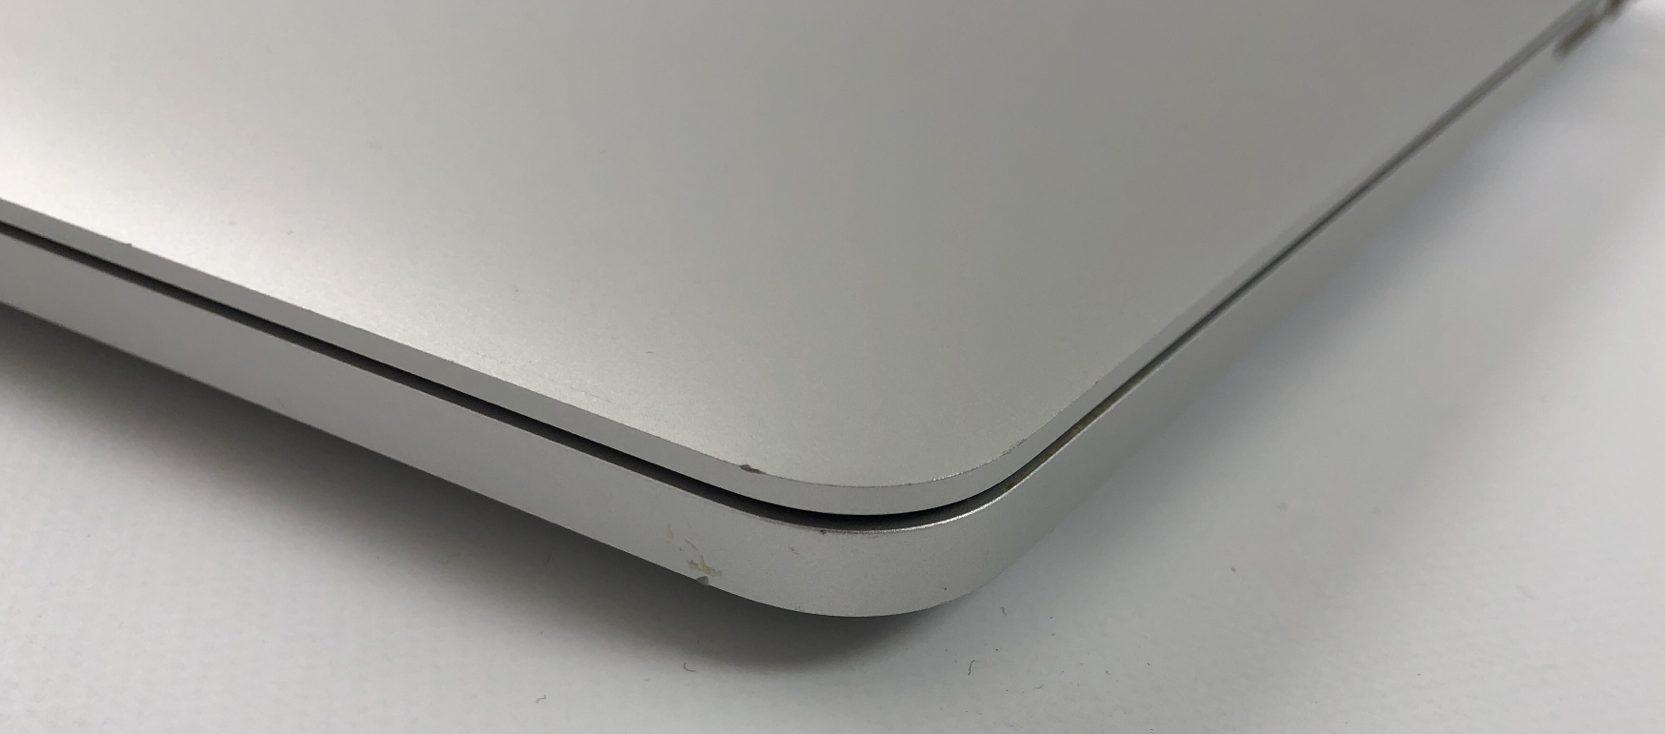 """MacBook Pro Retina 15"""" Mid 2014 (Intel Quad-Core i7 2.5 GHz 16 GB RAM 512 GB SSD), Intel Quad-Core i7 2.5 GHz, 16 GB RAM, 512 GB SSD, imagen 4"""